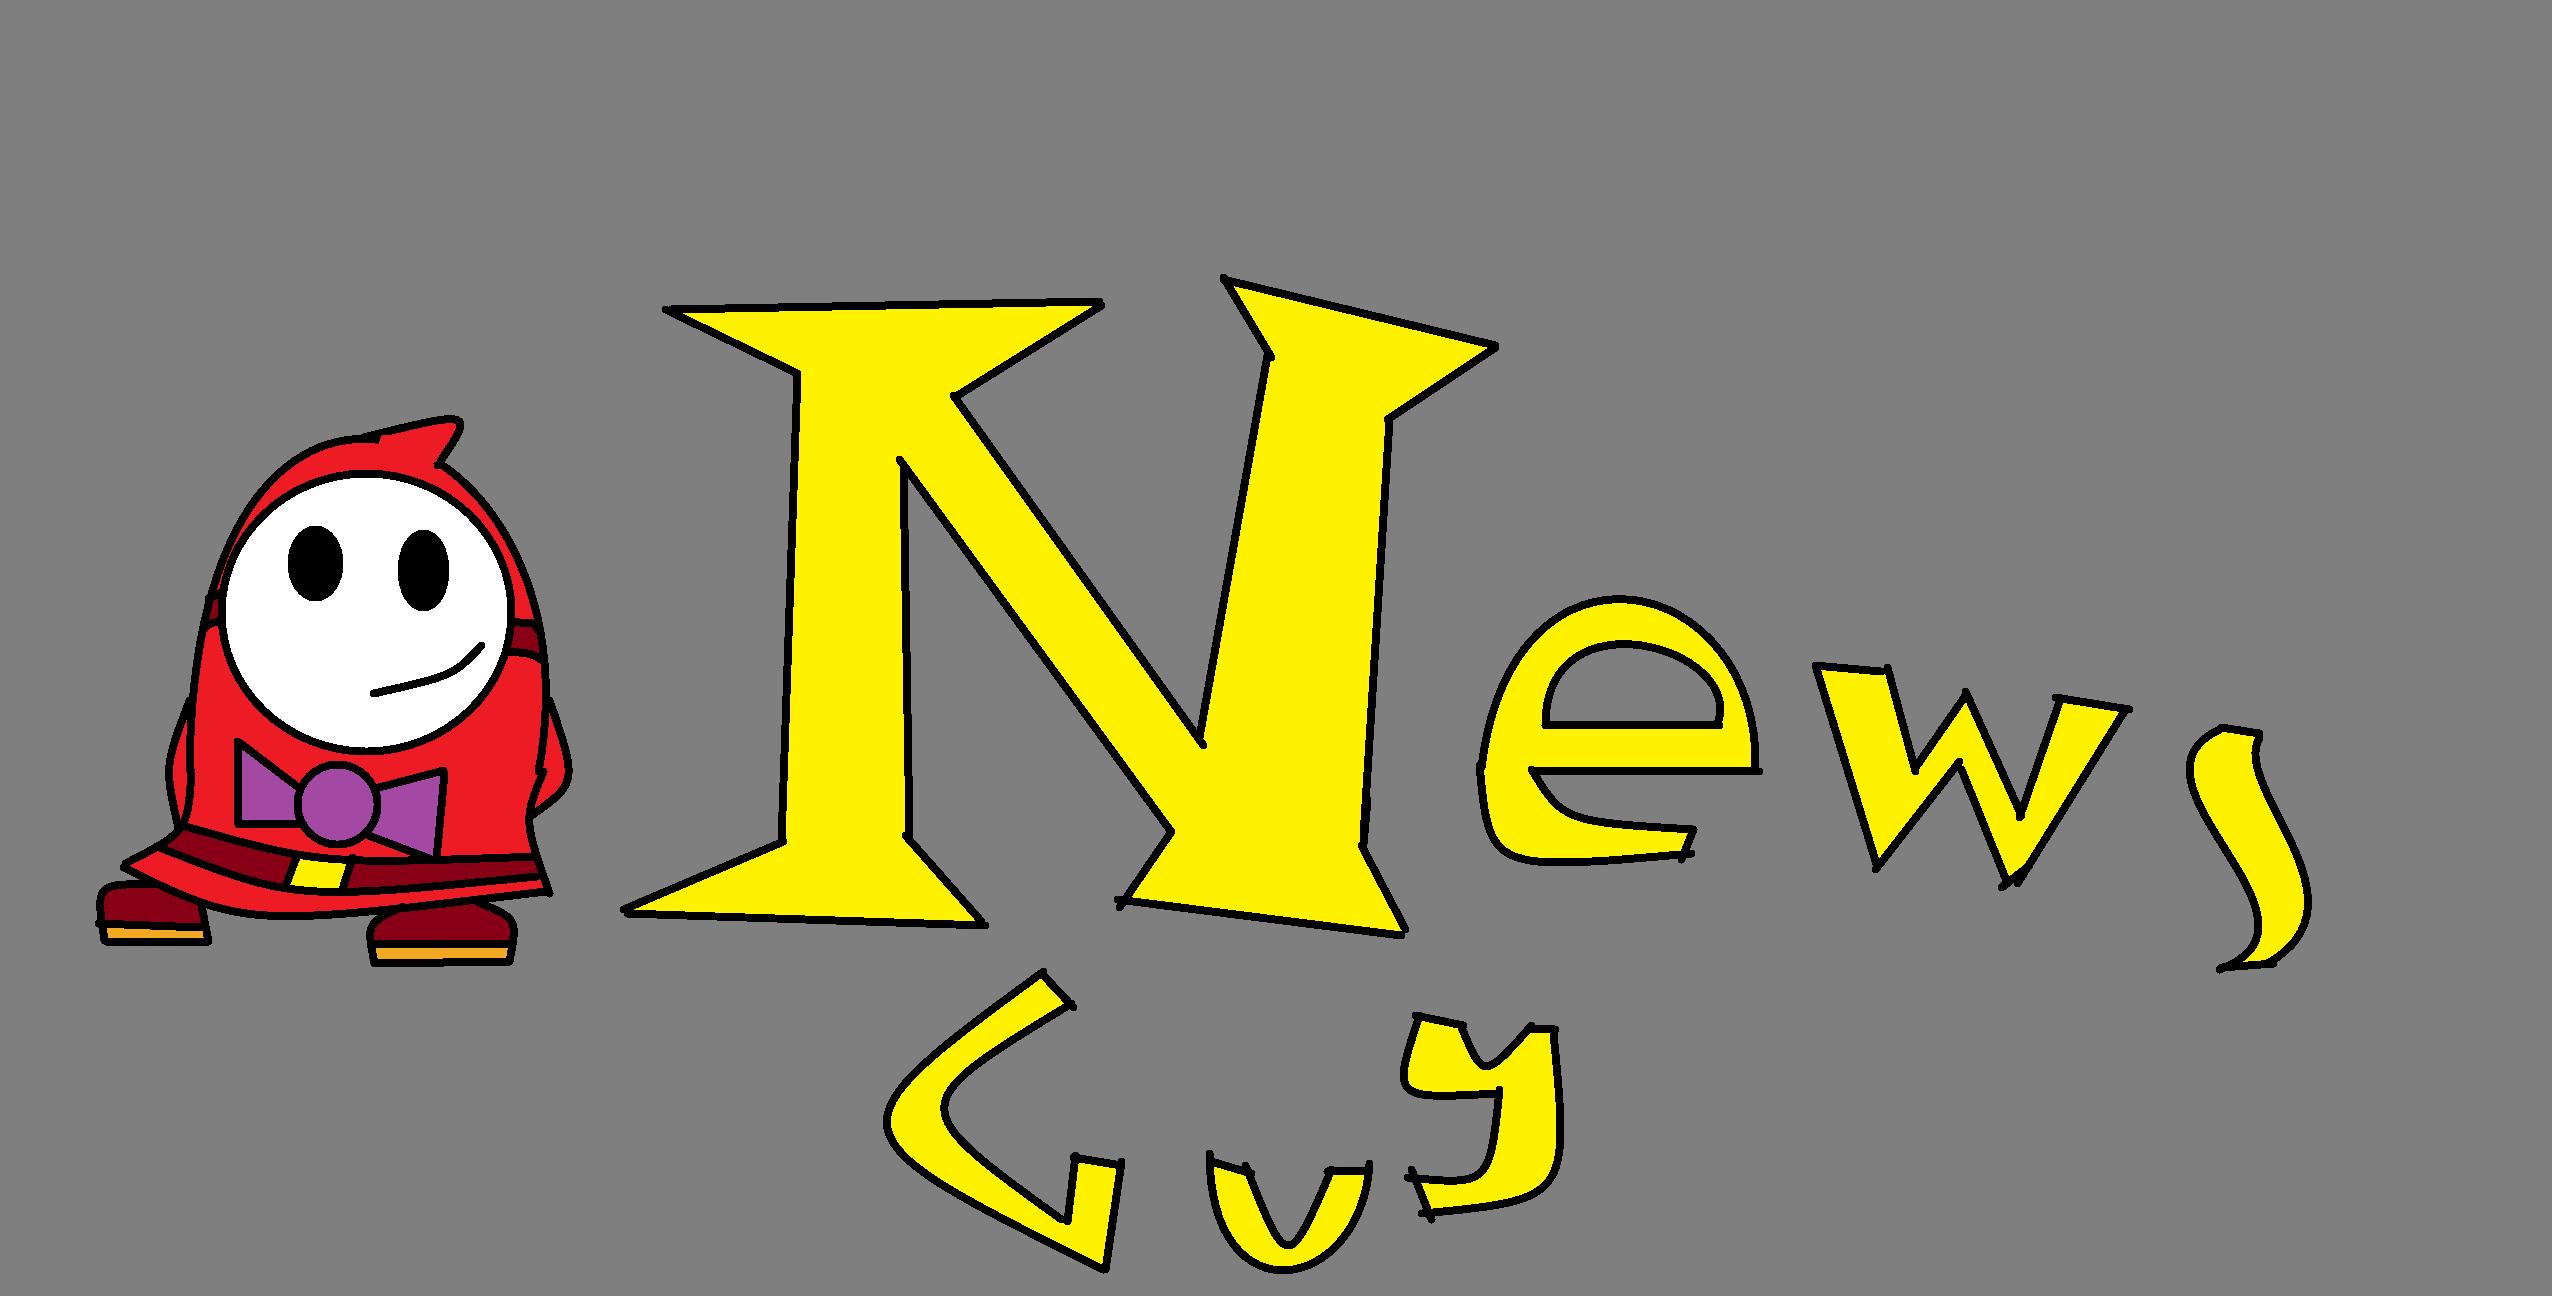 News Guy